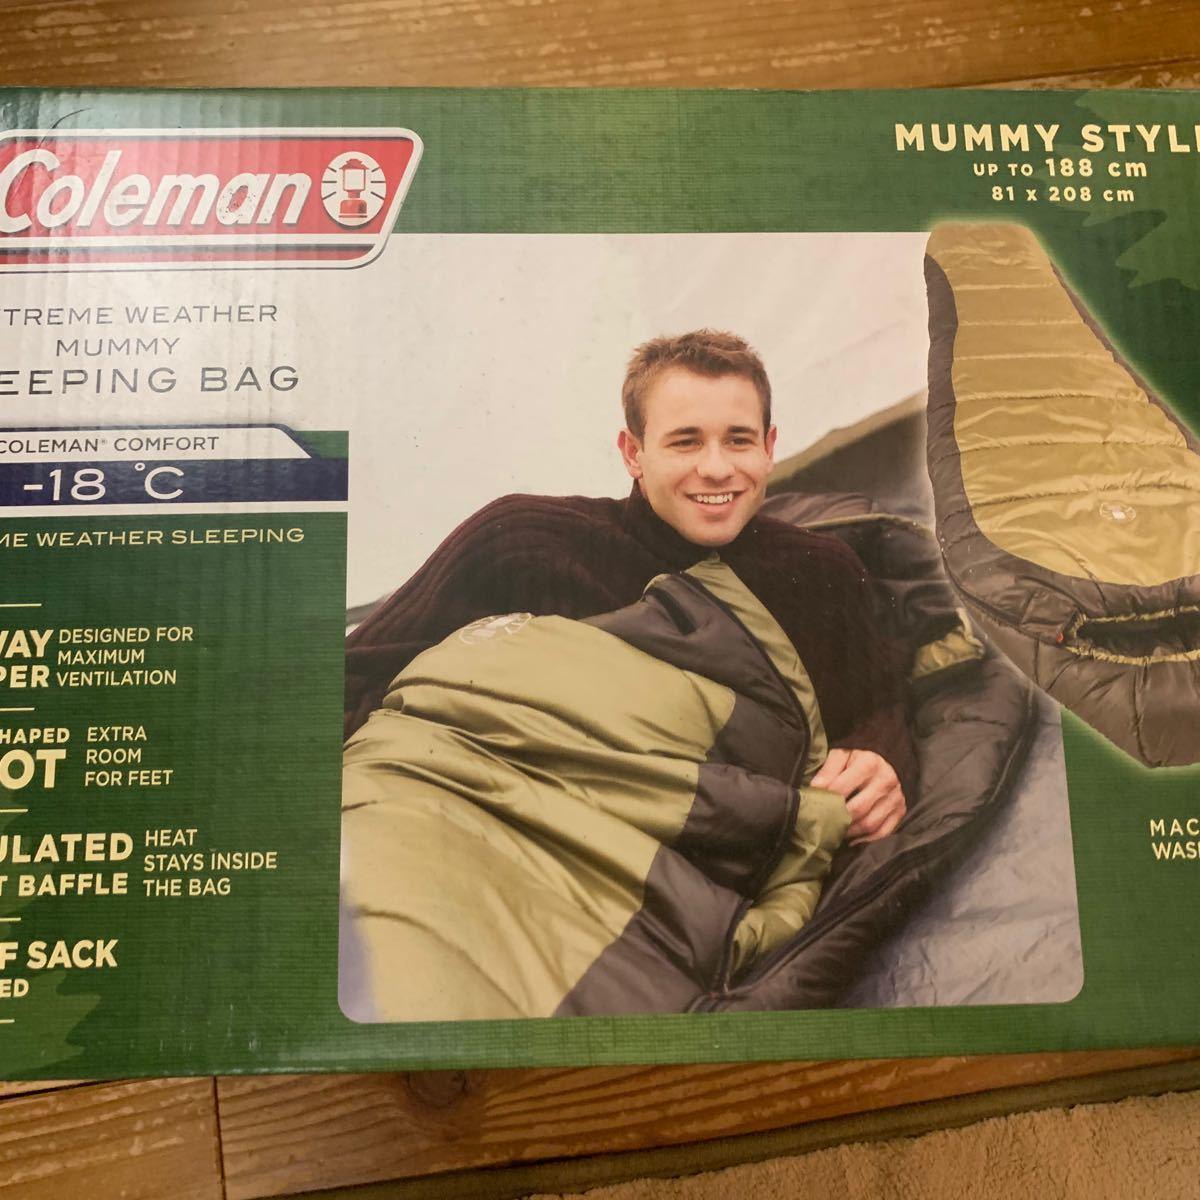 コールマン Coleman マミー型 寝袋 最低使用温度 -17.8℃